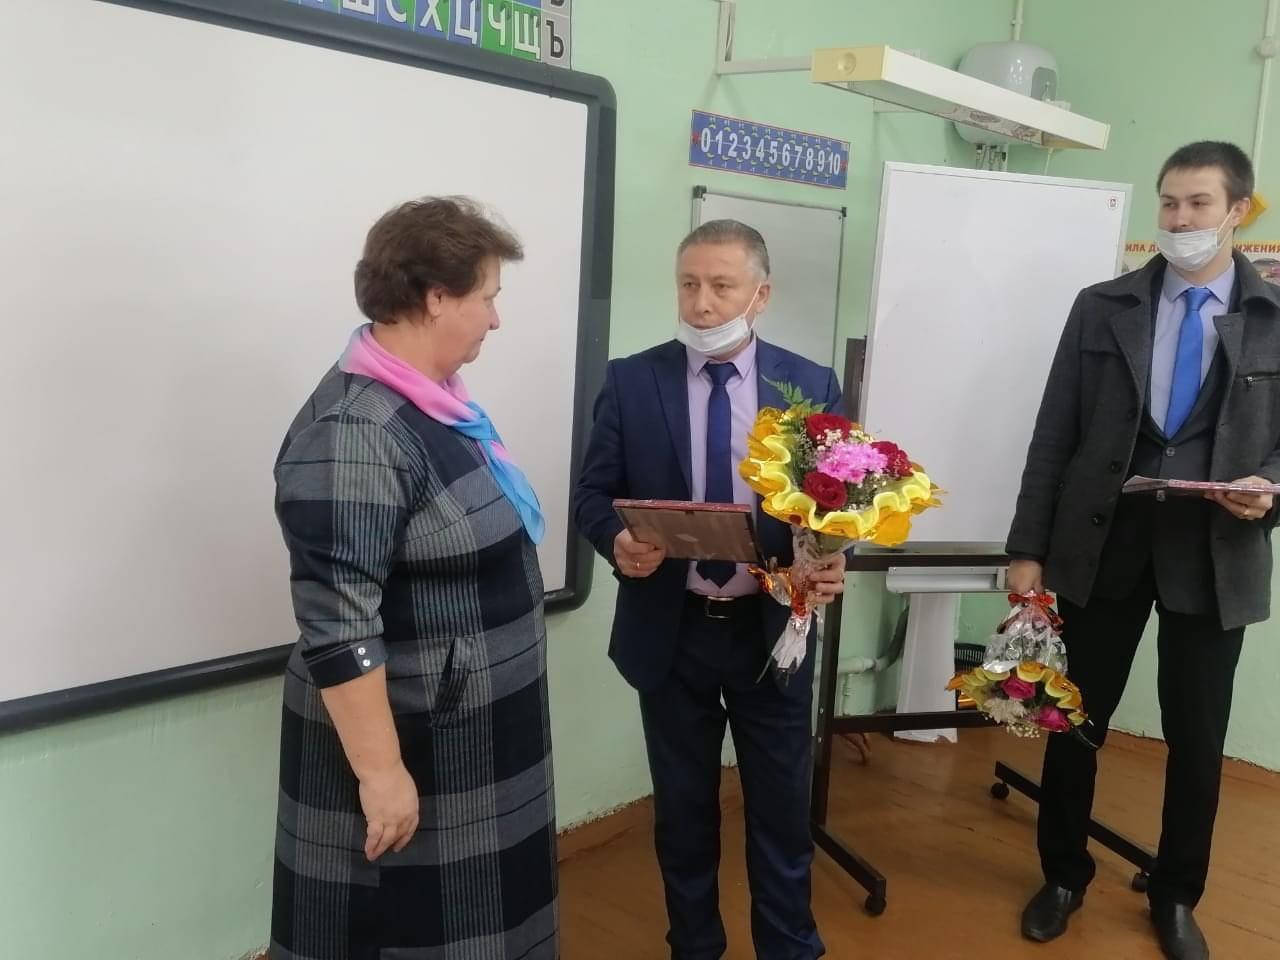 Шакир Абдуллаев поздравил преподавателей с профессиональным праздником